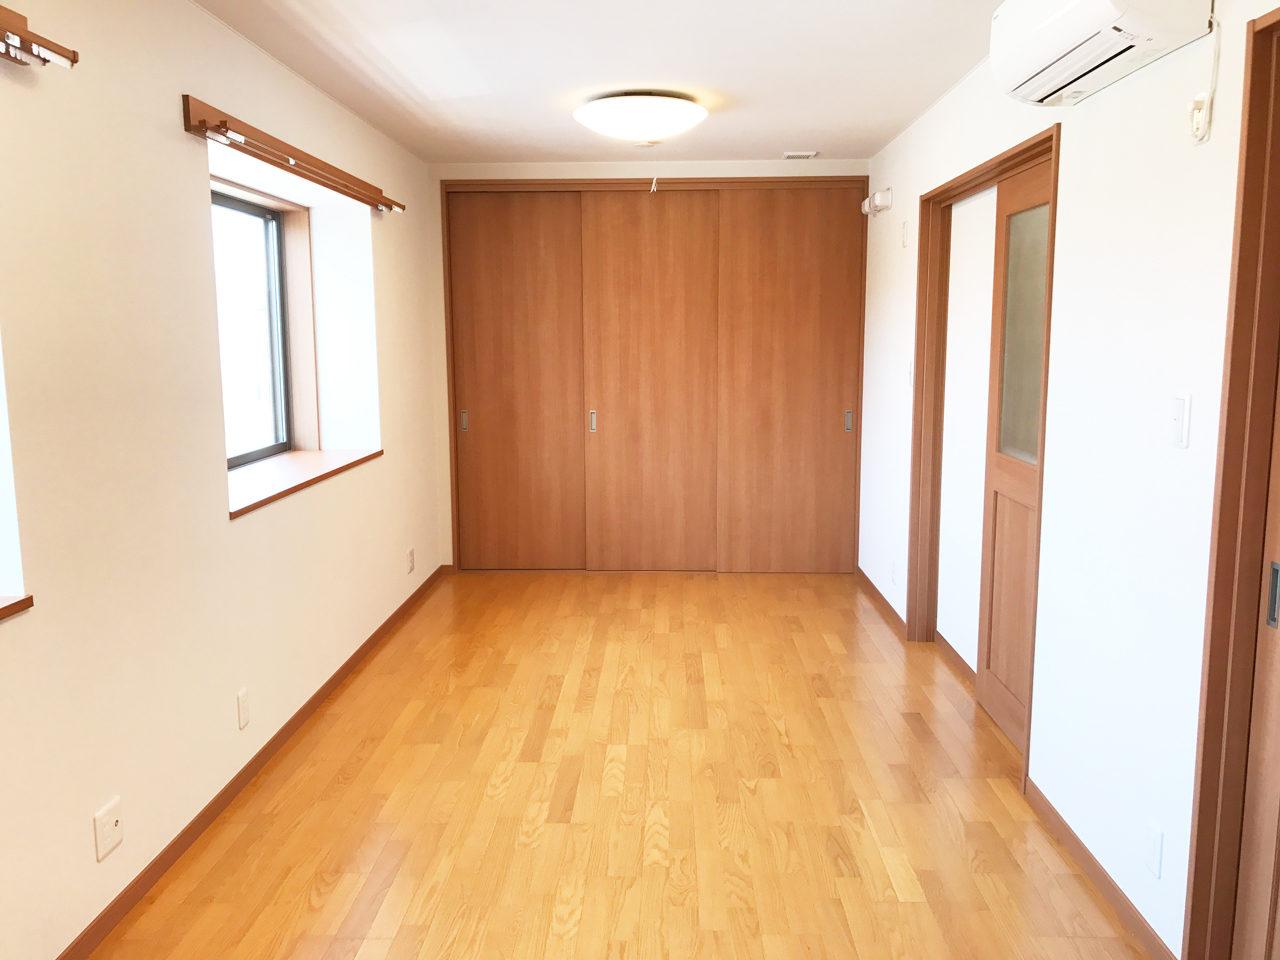 接骨院併用住宅の新築設計、店舗付き住宅デザイン|はなみずき鍼灸接骨院